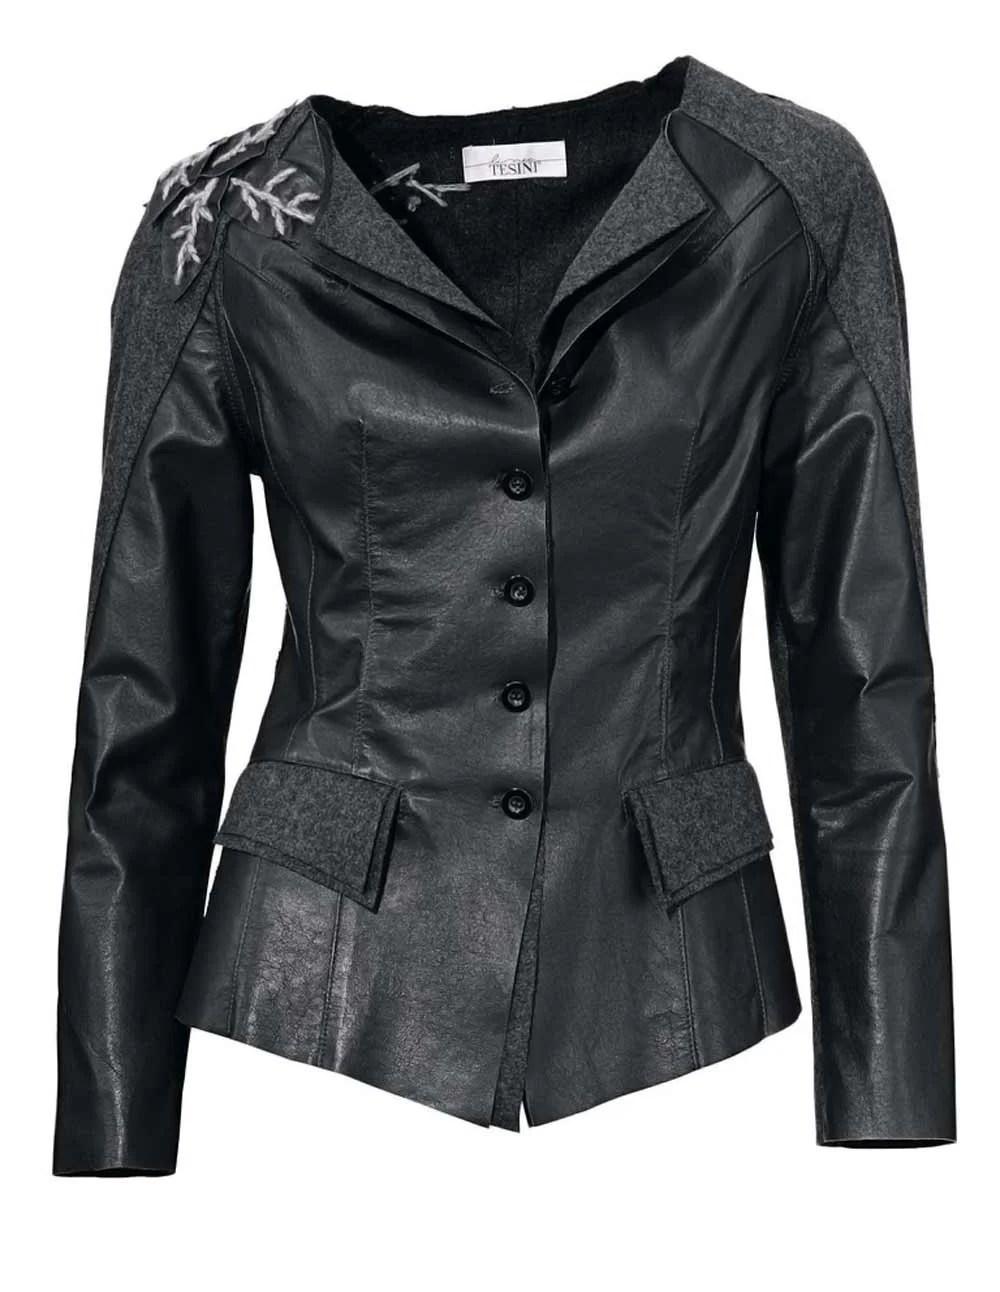 025.840 Lina Tesini Patchjacke Lederblazer schwarz-grau